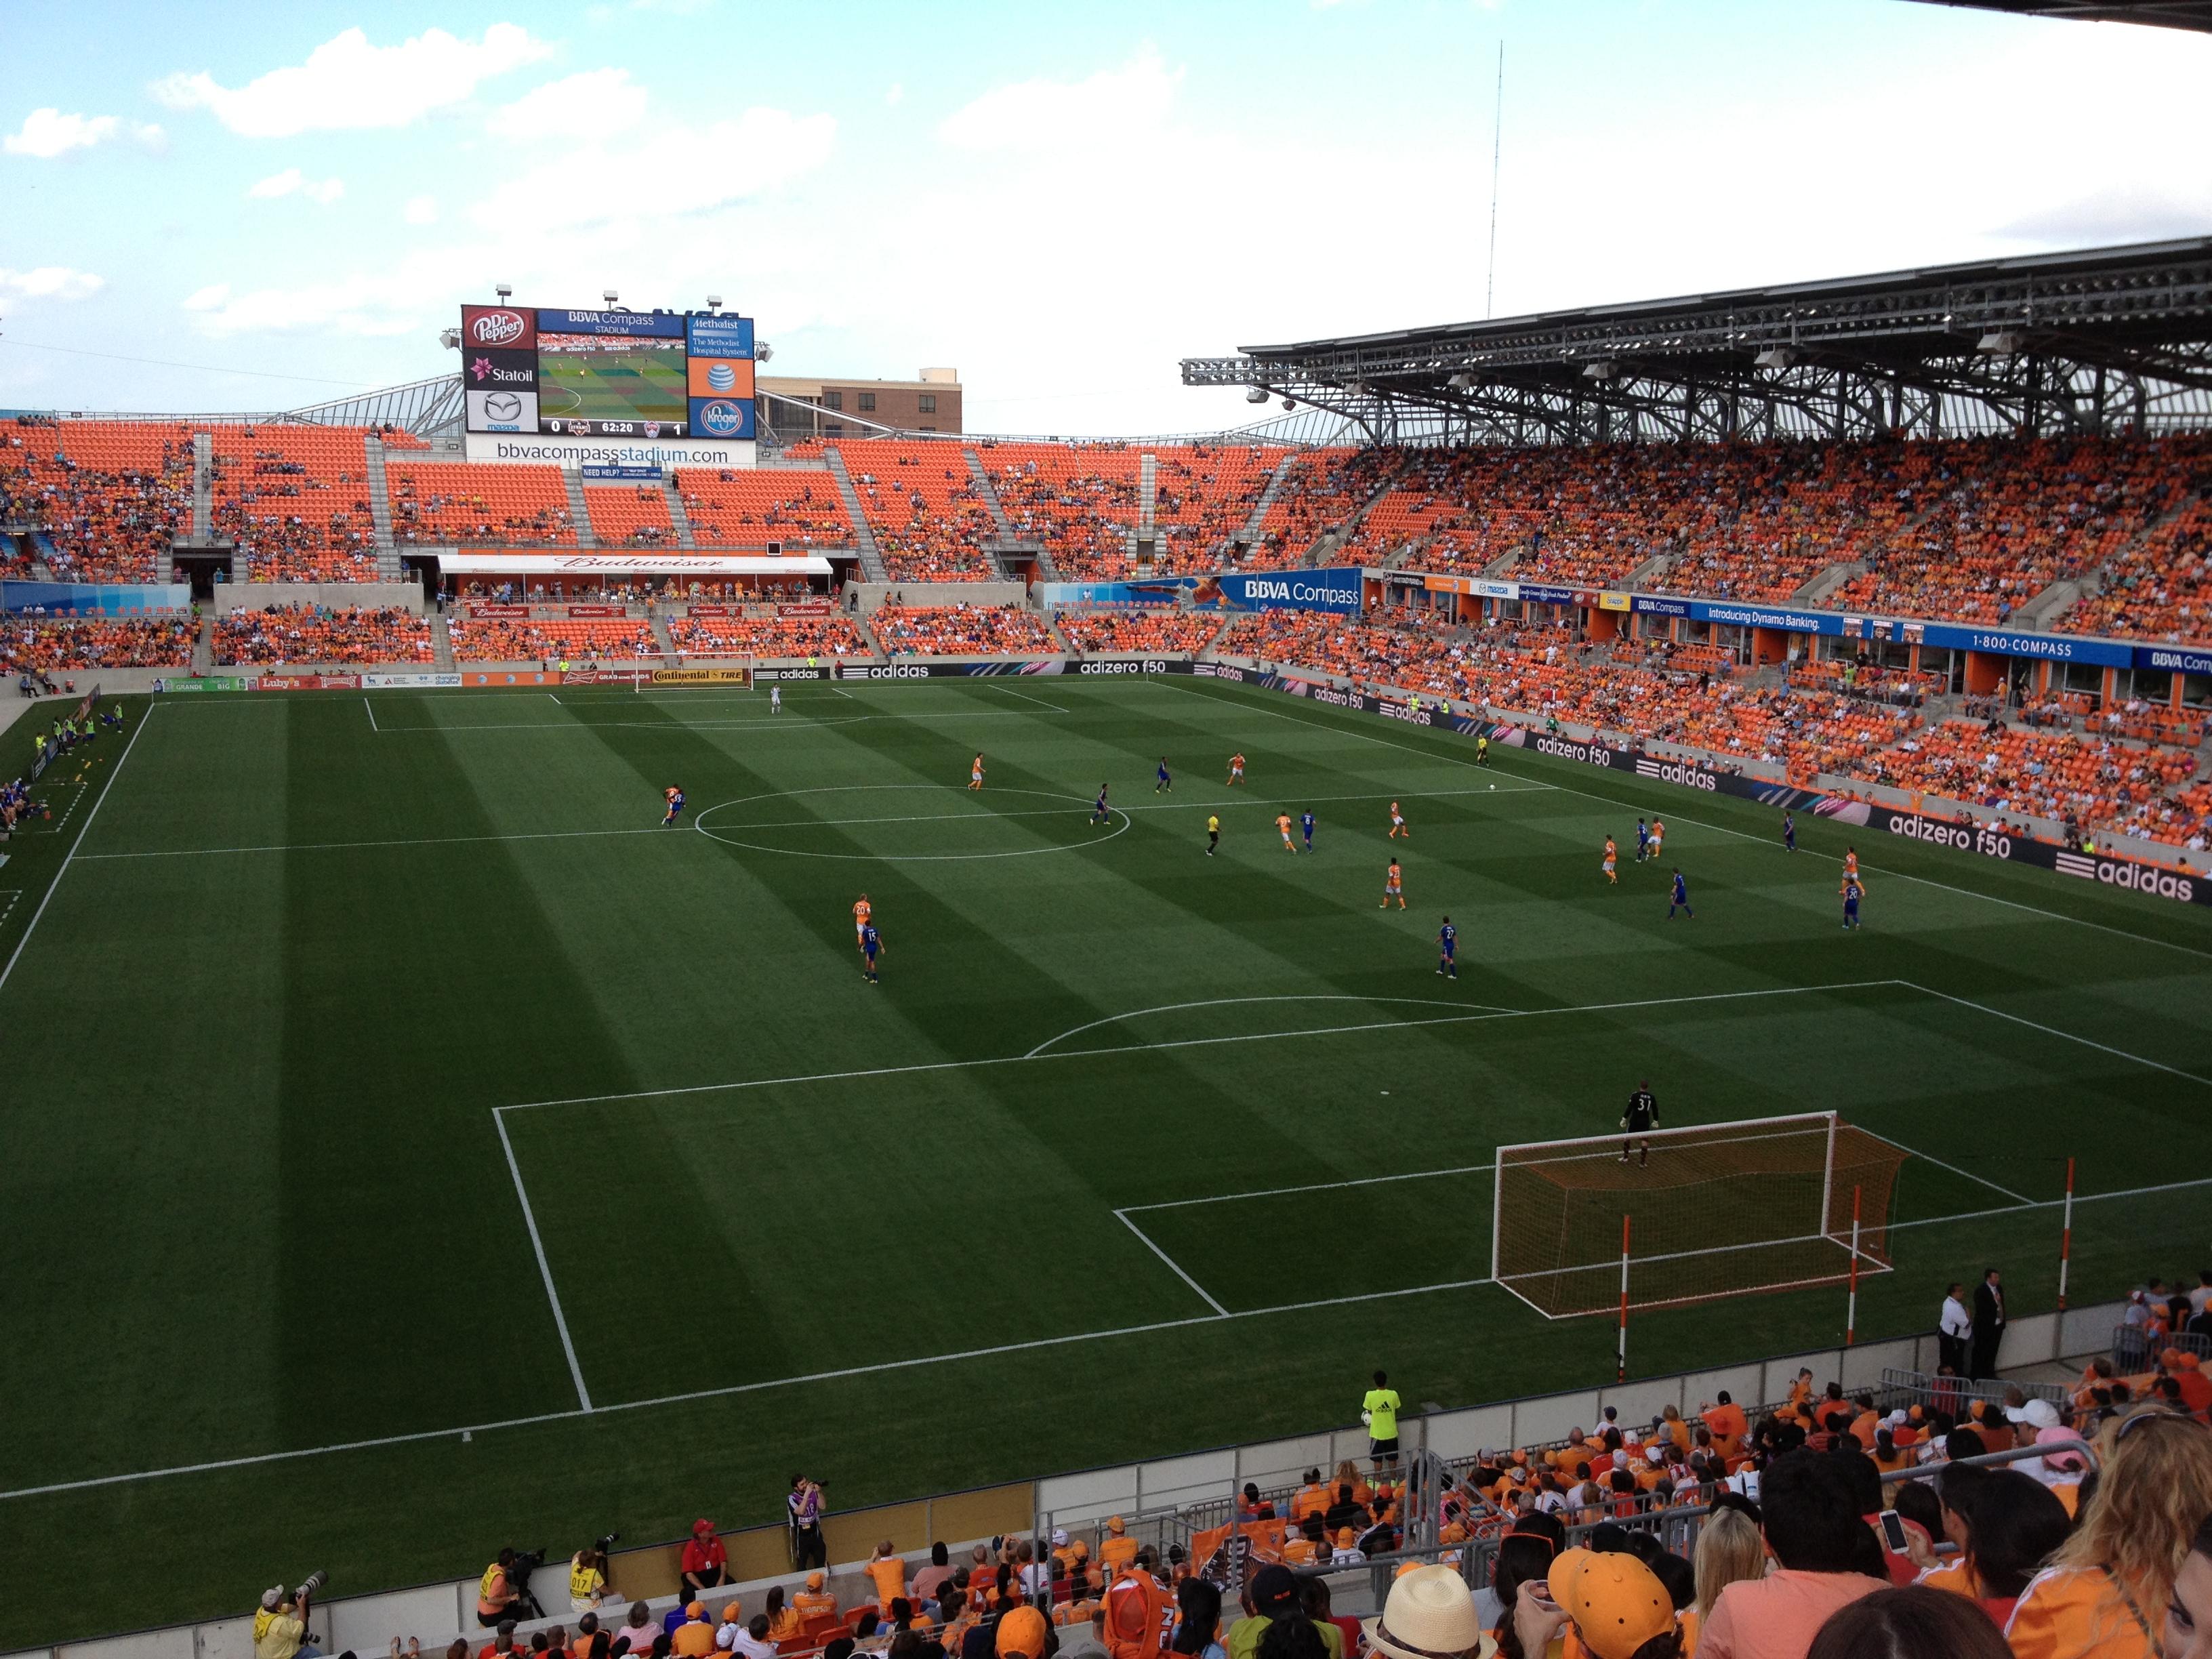 Filebbva Compass Stadium 2013 04 28jpg Wikimedia Commons